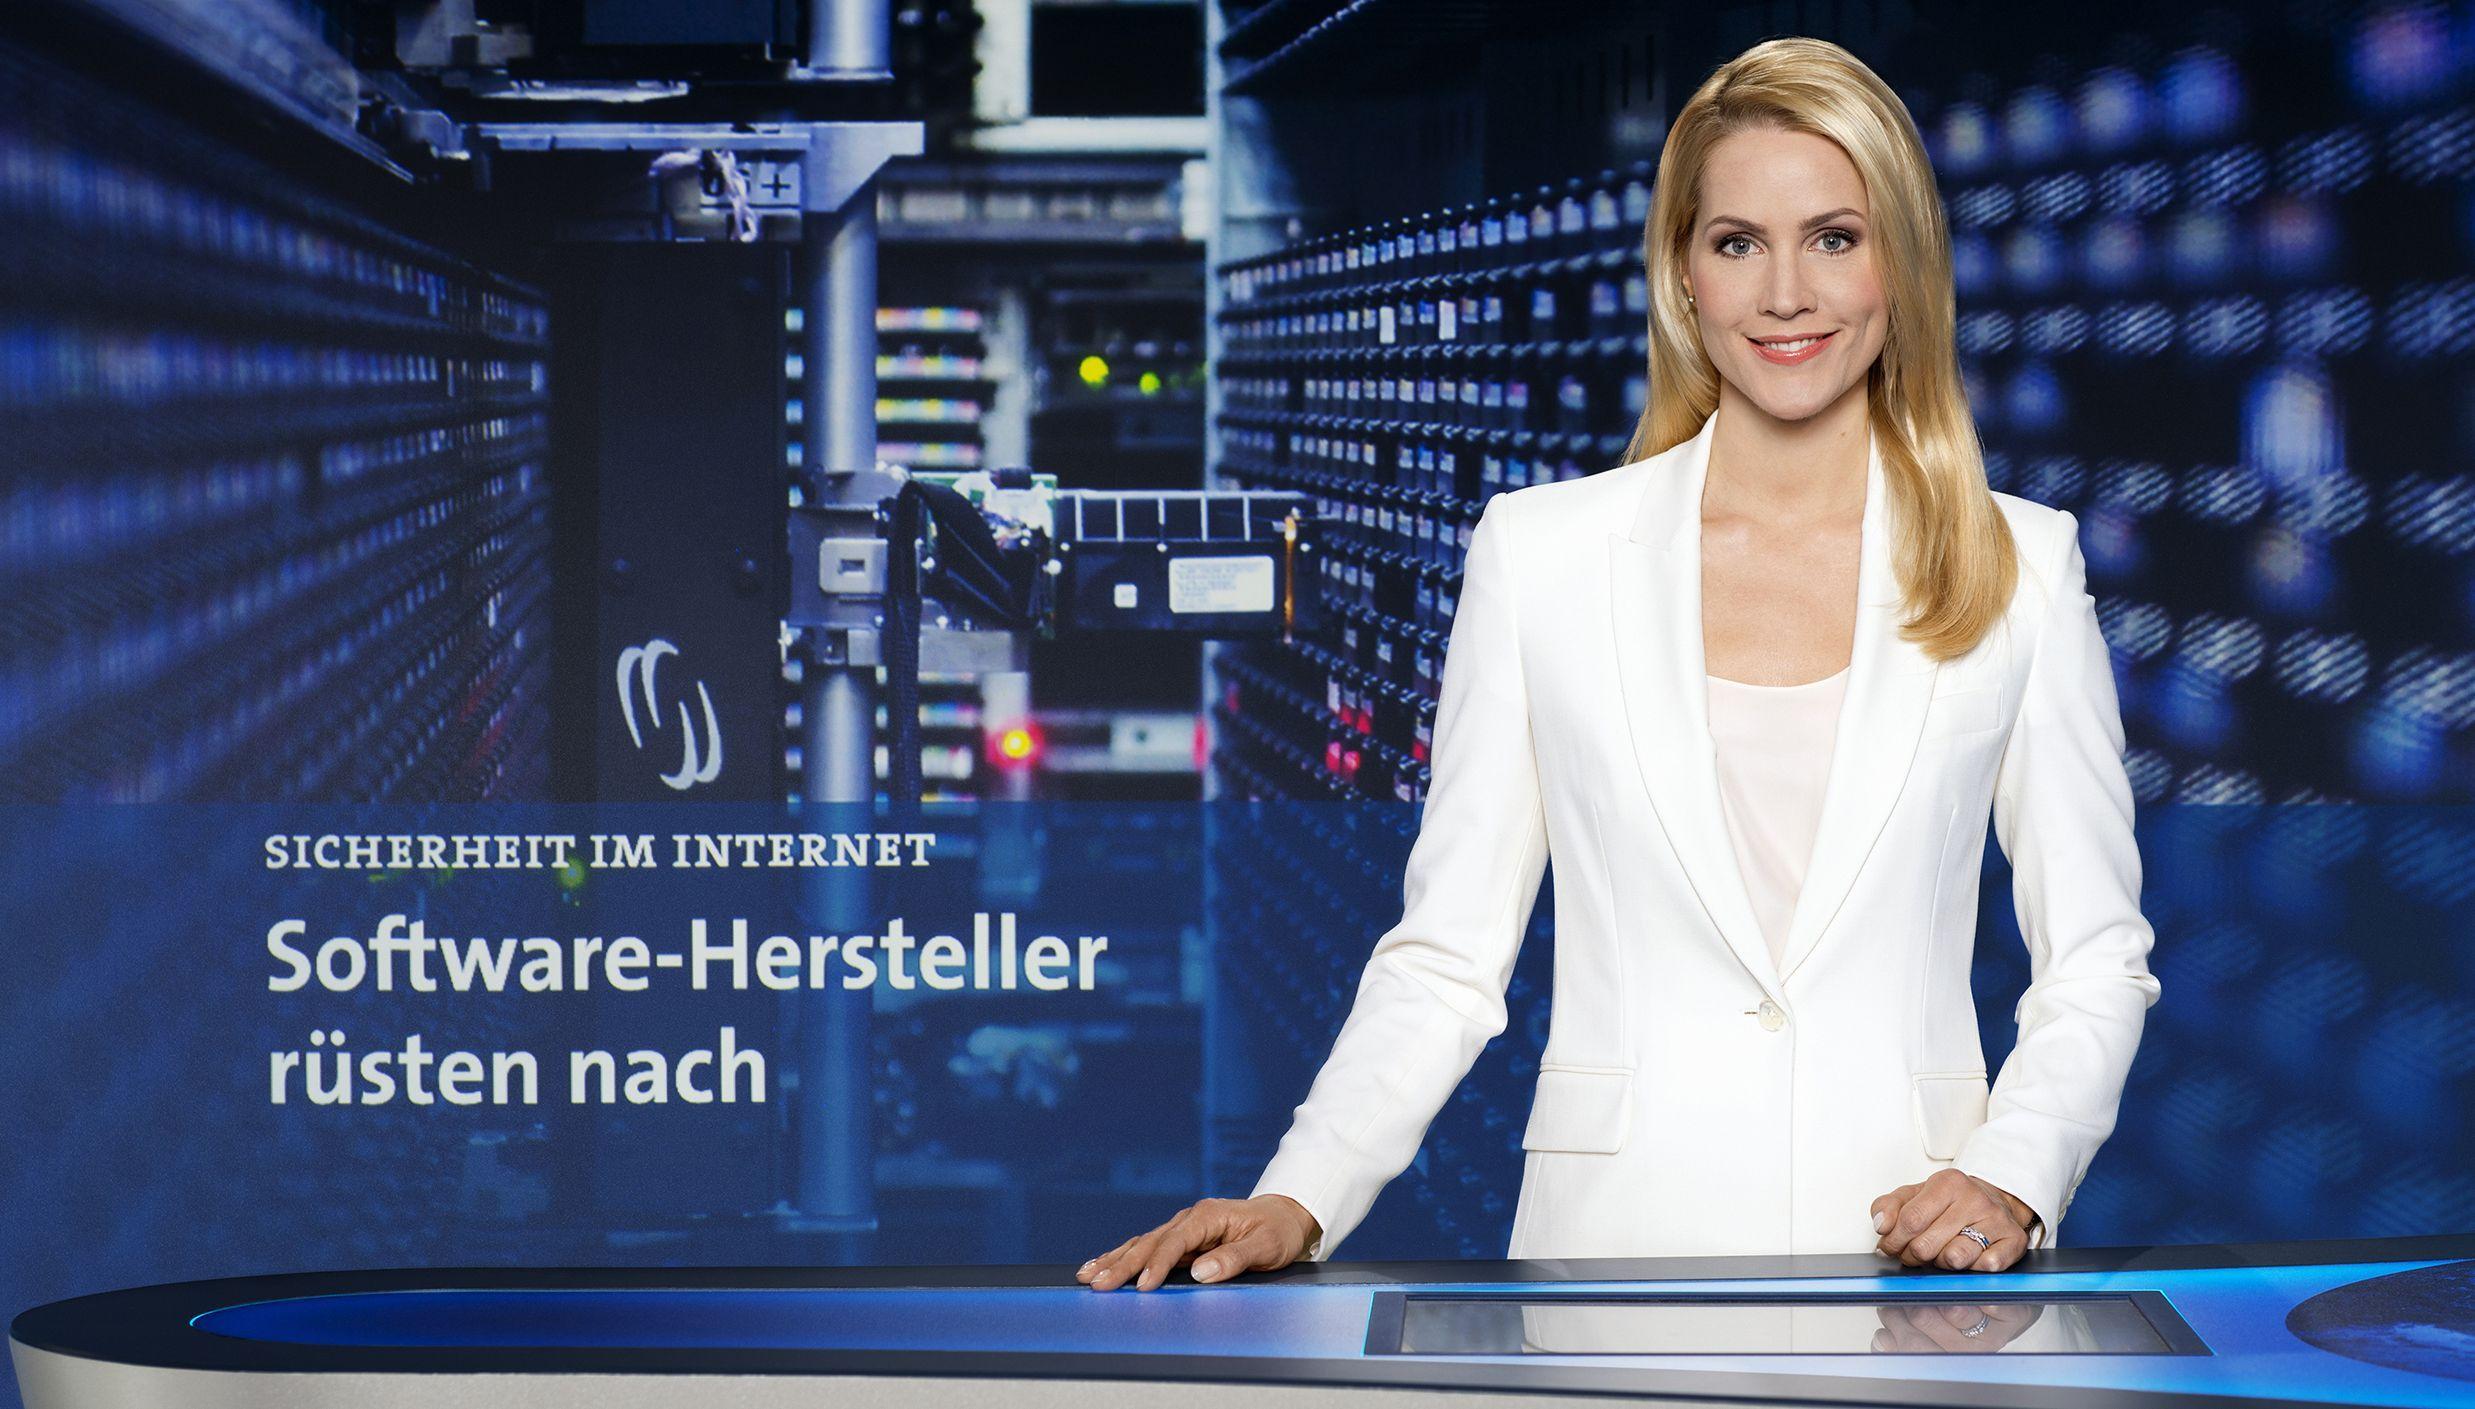 Neues Tagesschau Studio 2014 Judith Rakers Spricht Die